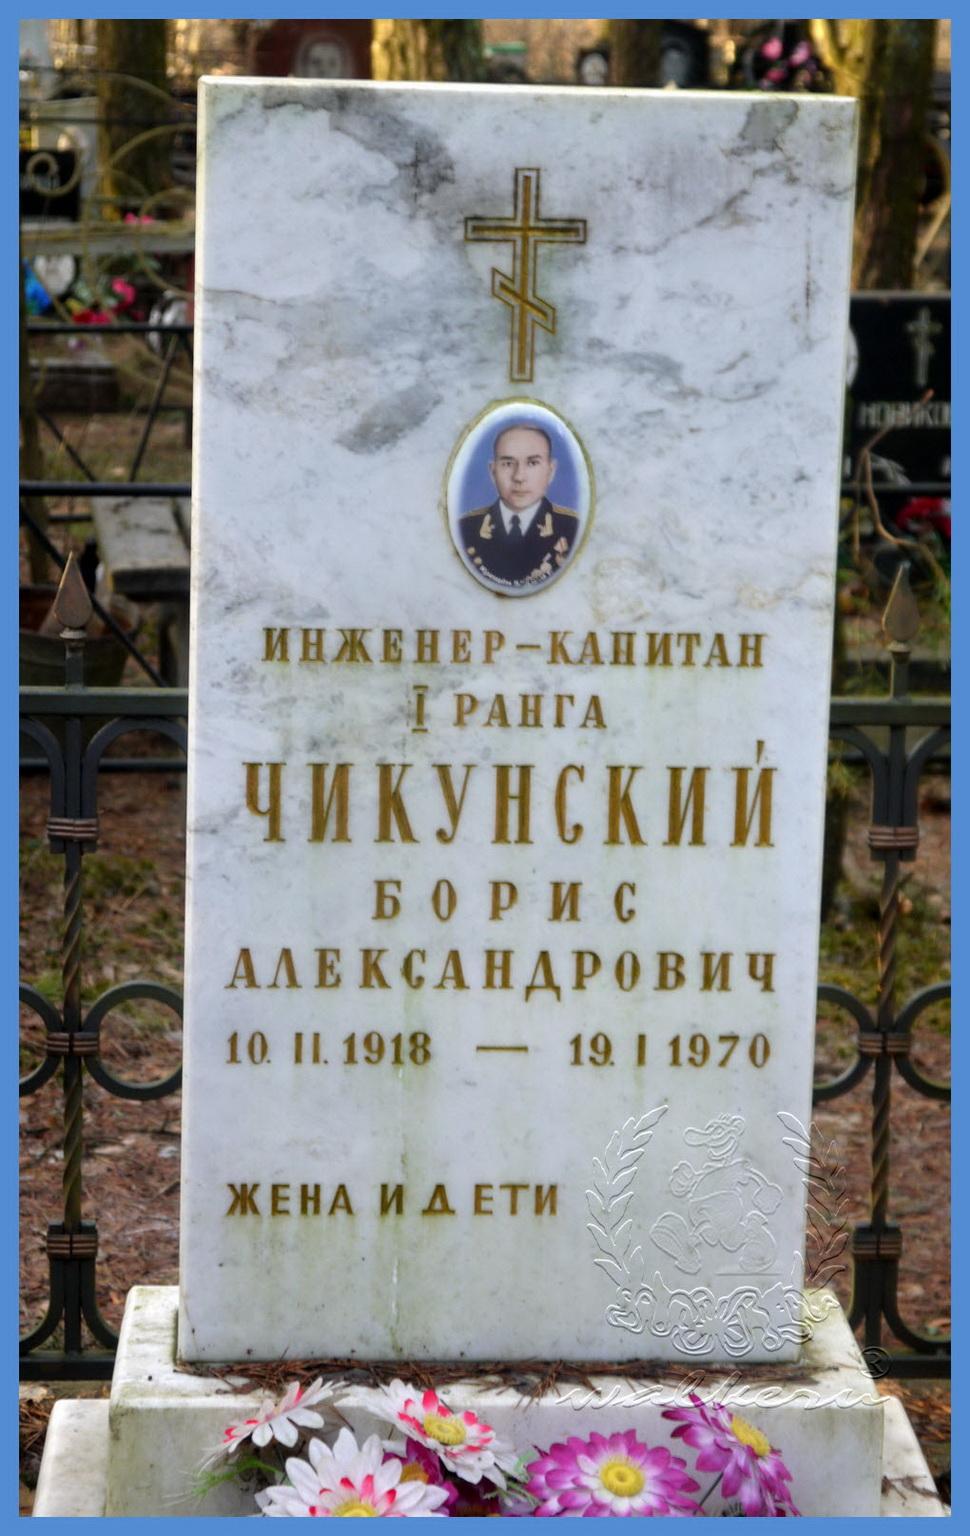 Чикунский Борис Александрович